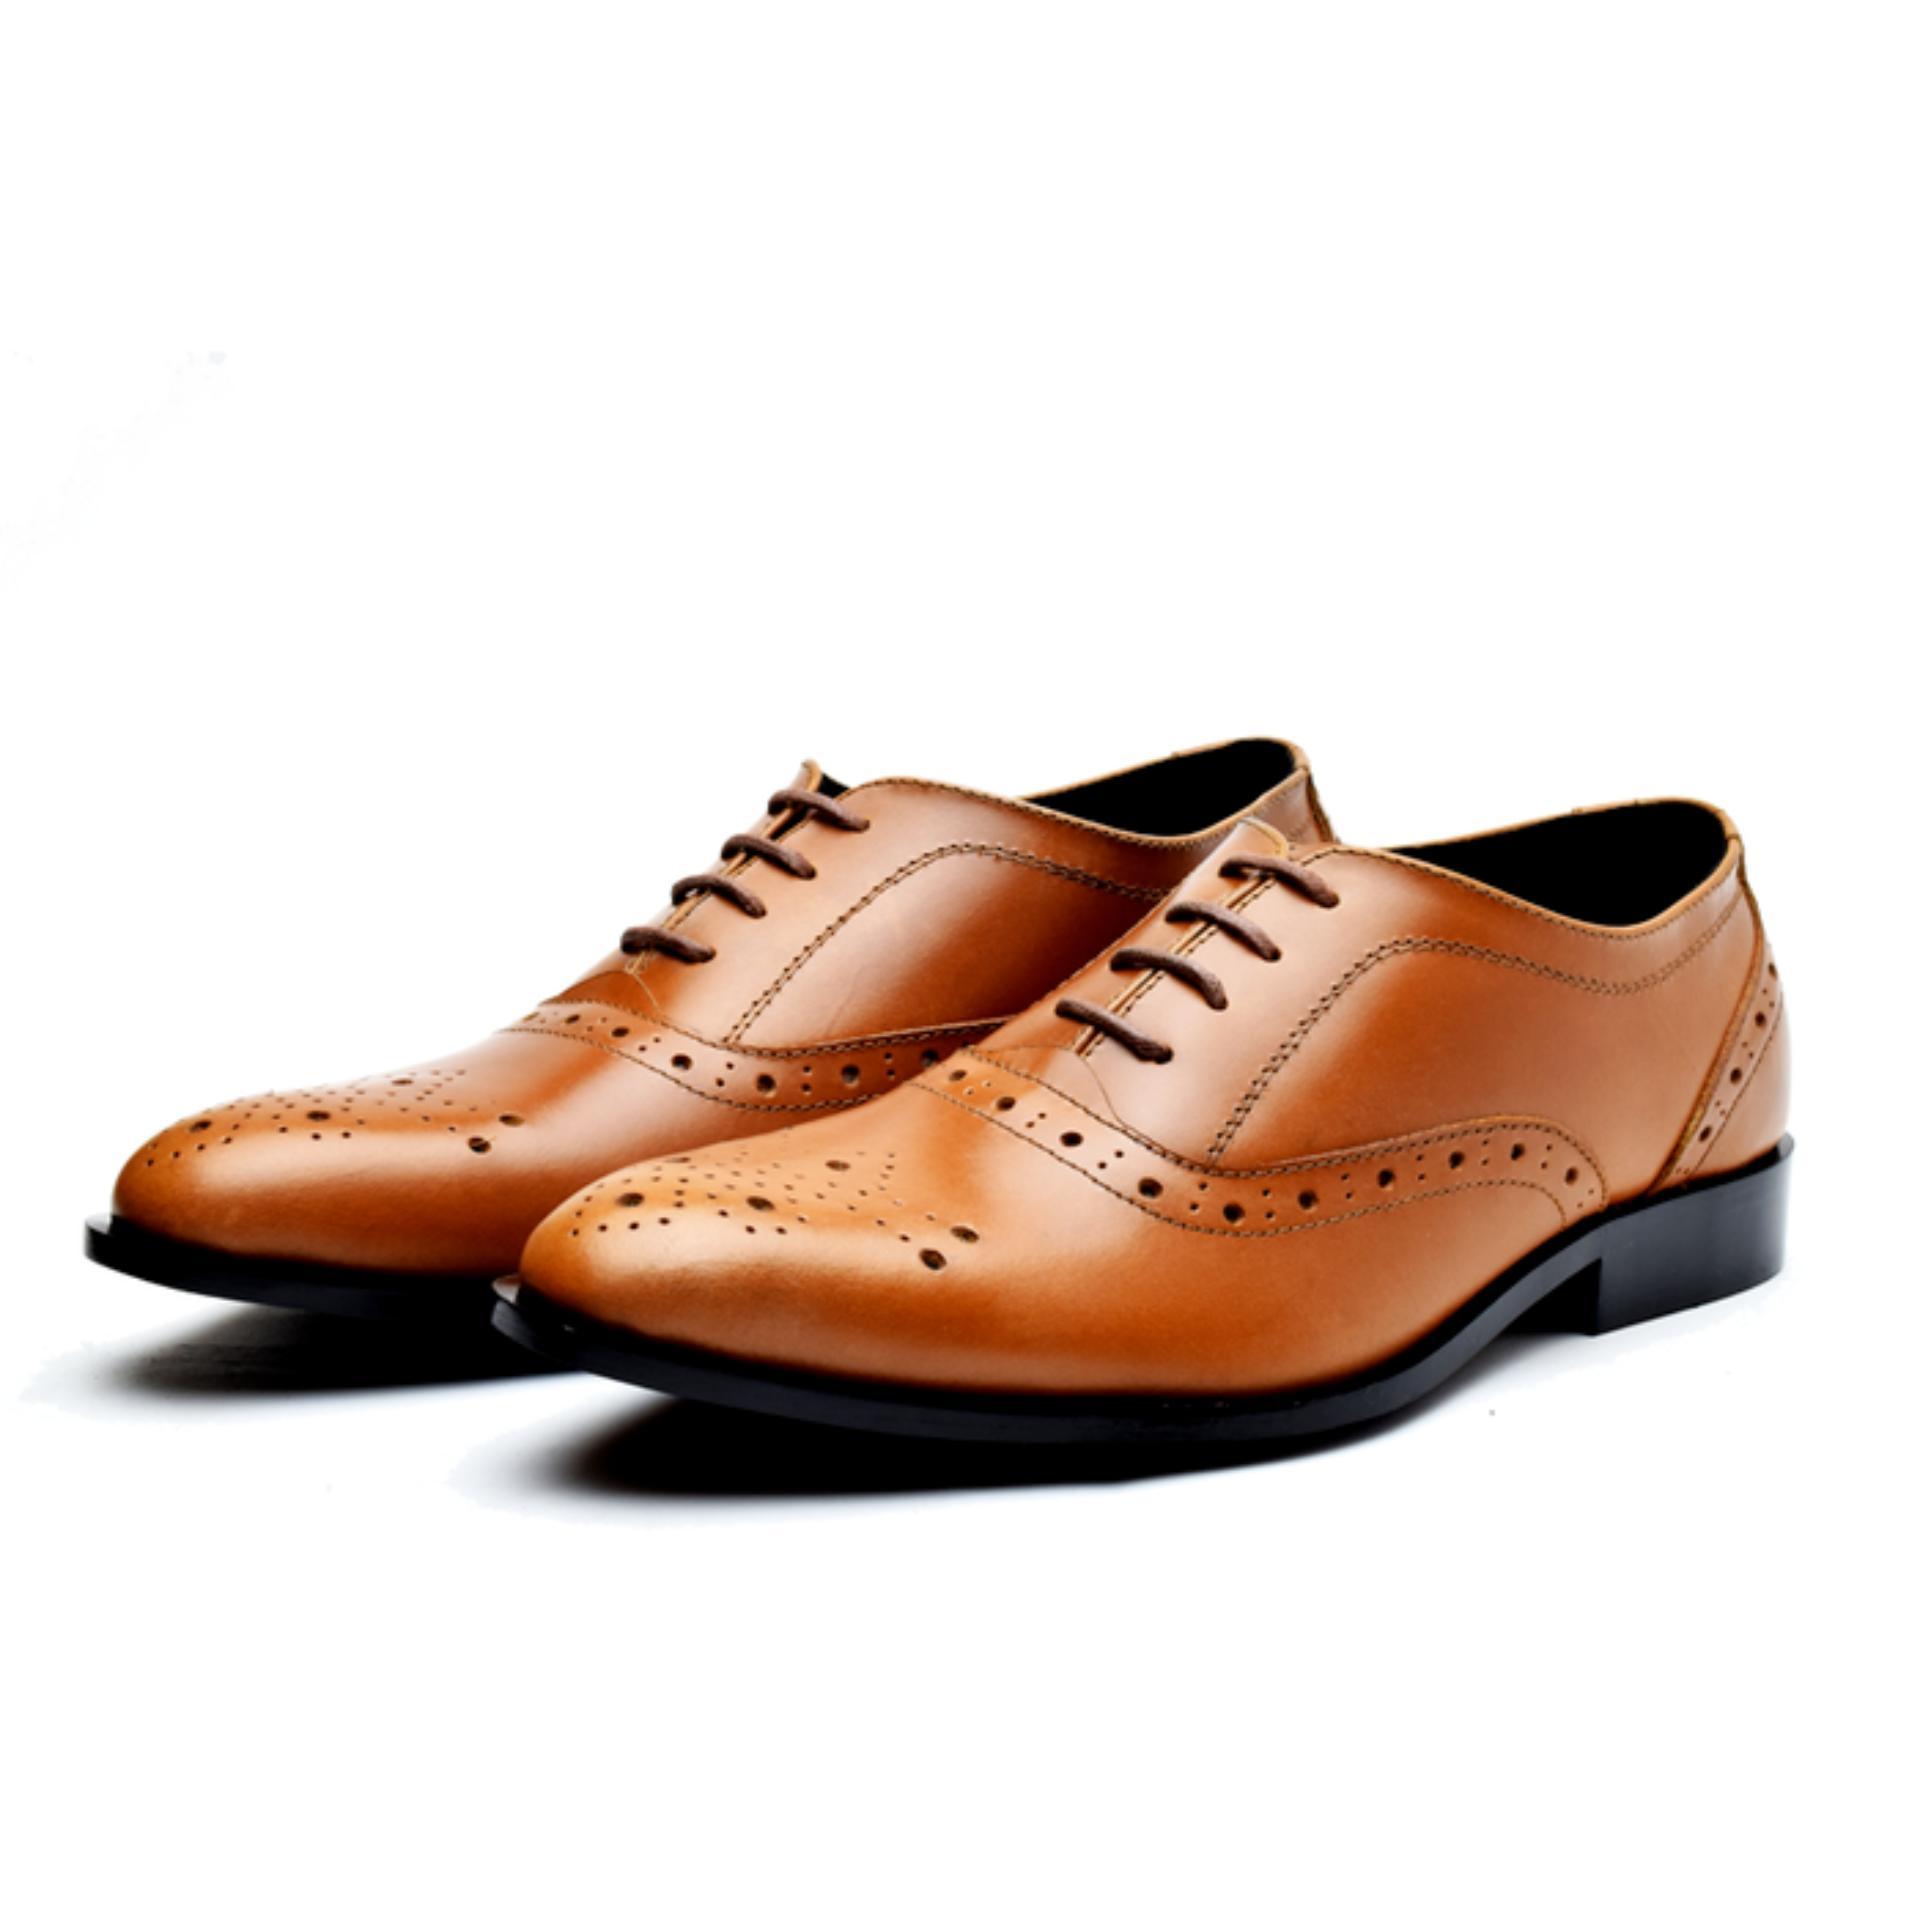 Jual Wetan Shoes Sepatu Pantofel Oxford Pria Bahan Kulit Coklat Tan Wetan Shoes Di Indonesia